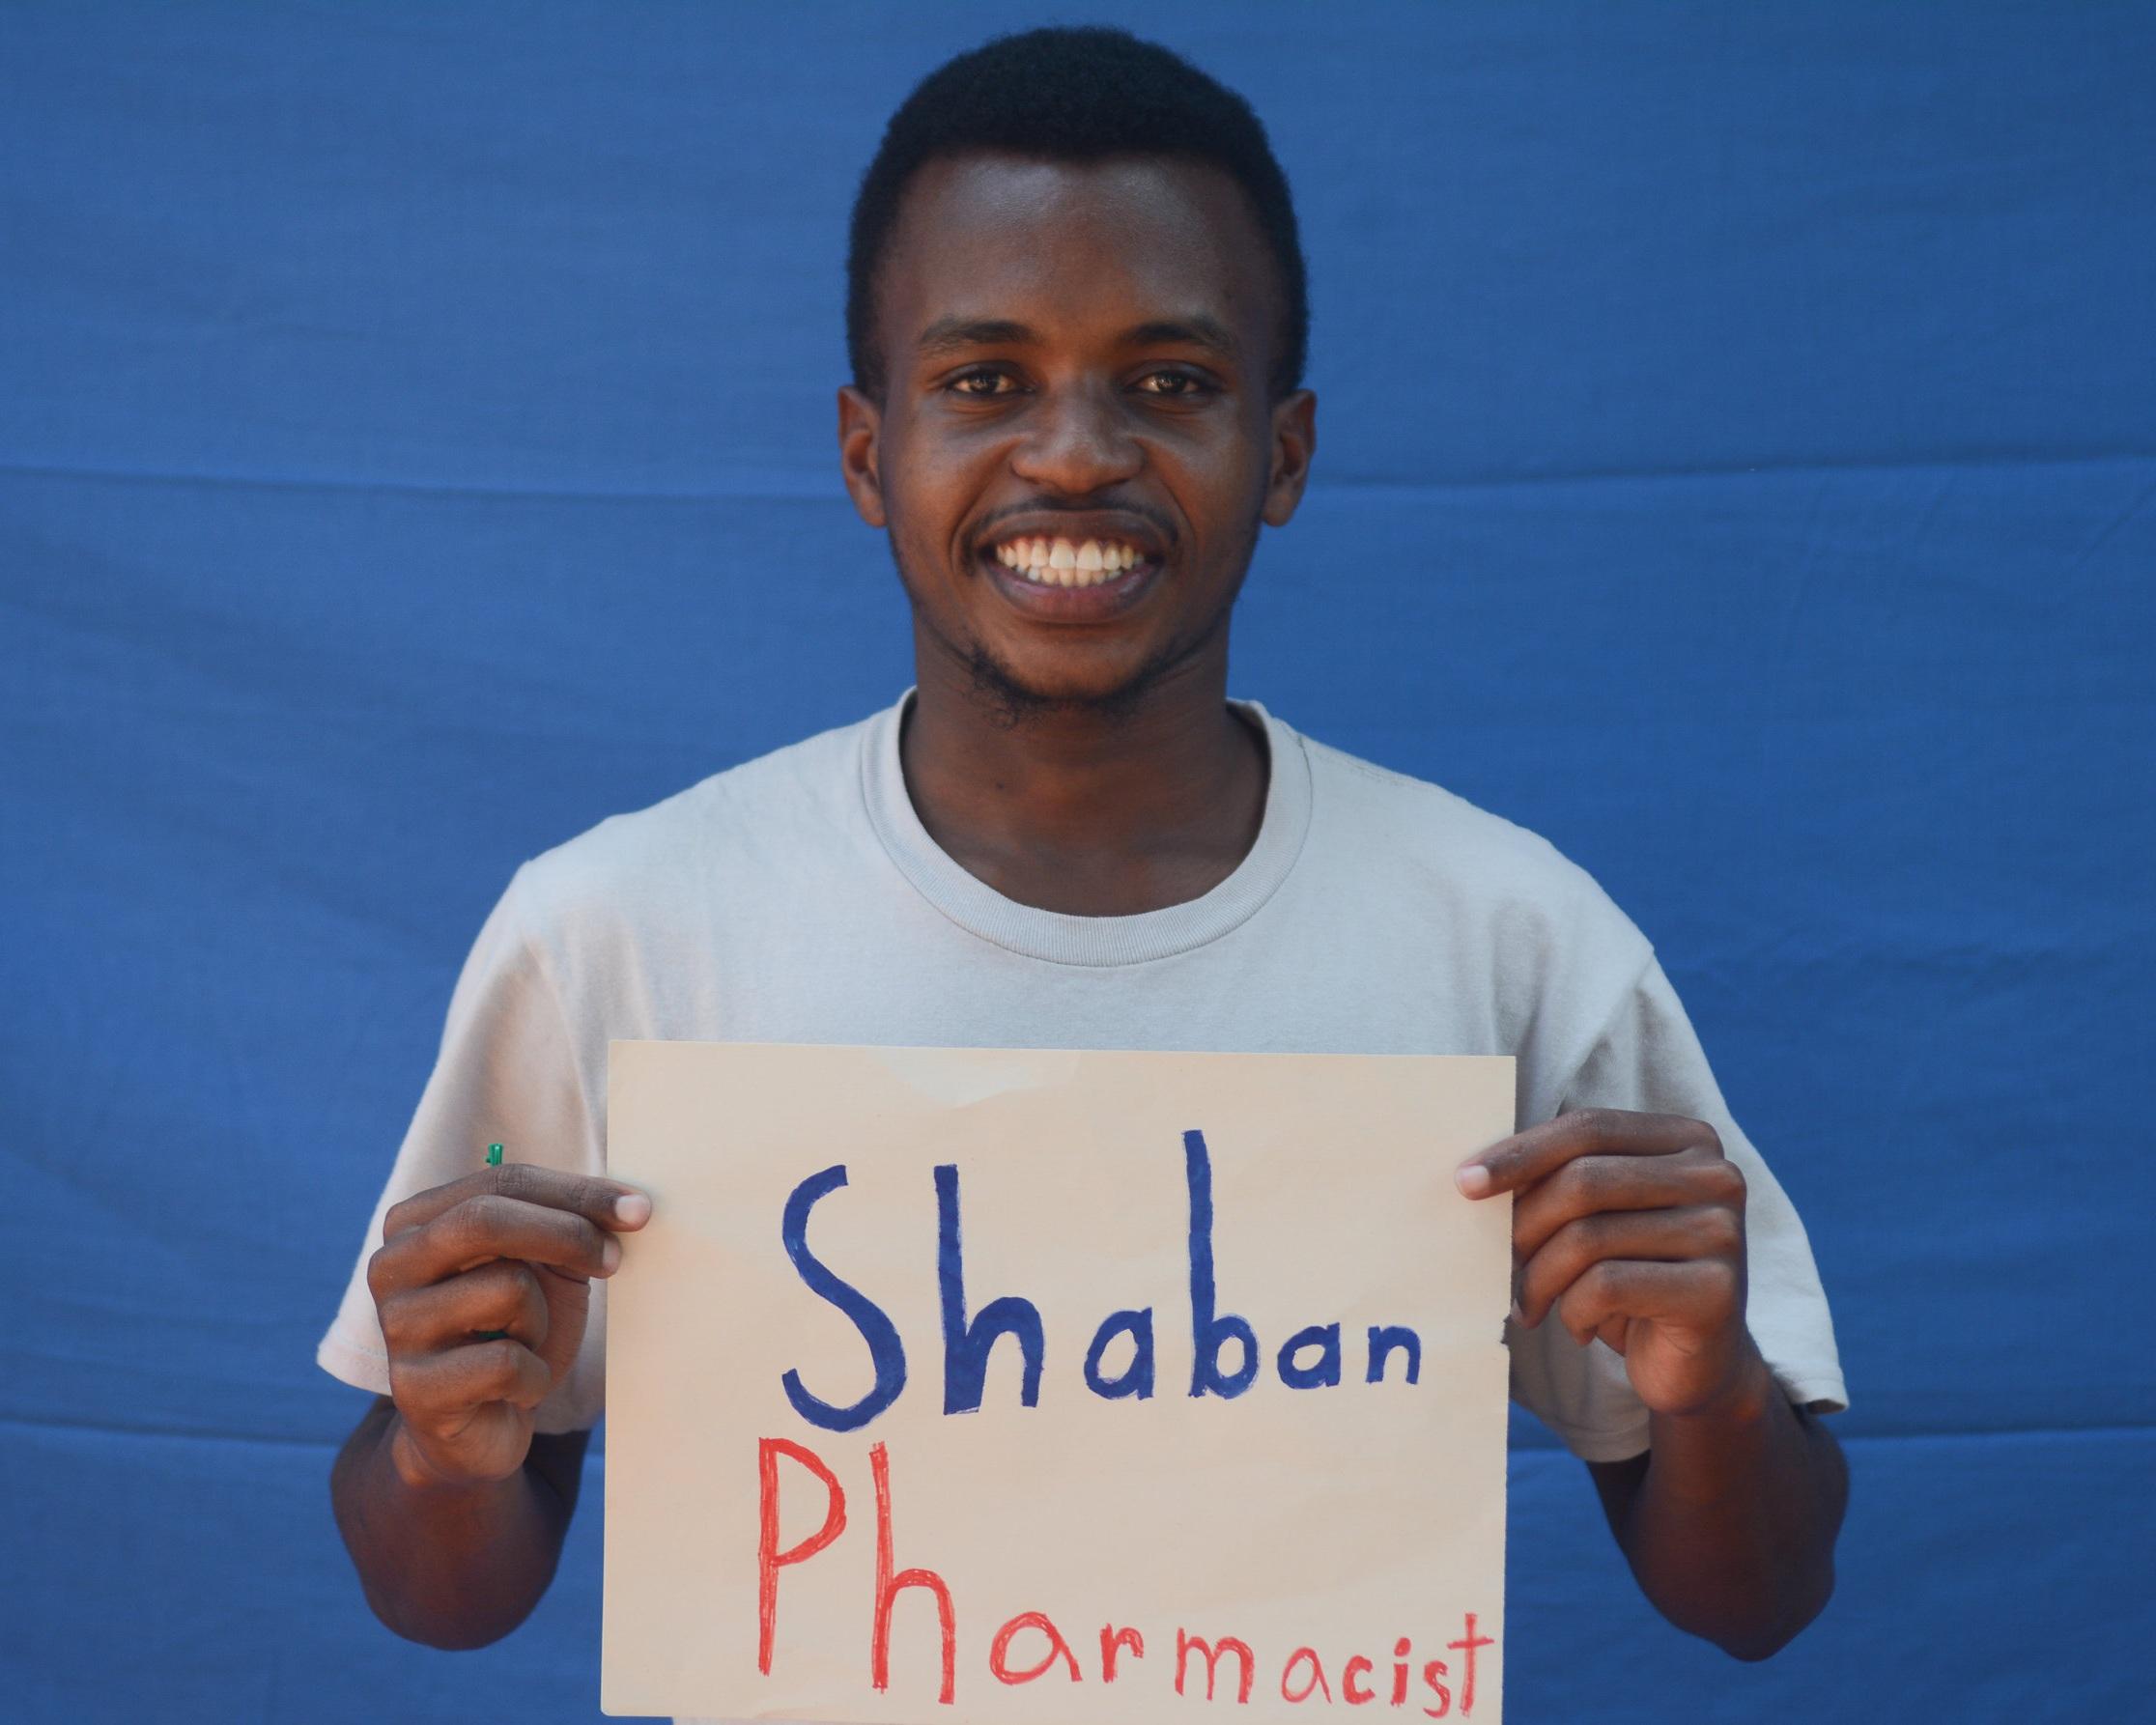 shaban-pharm.jpg